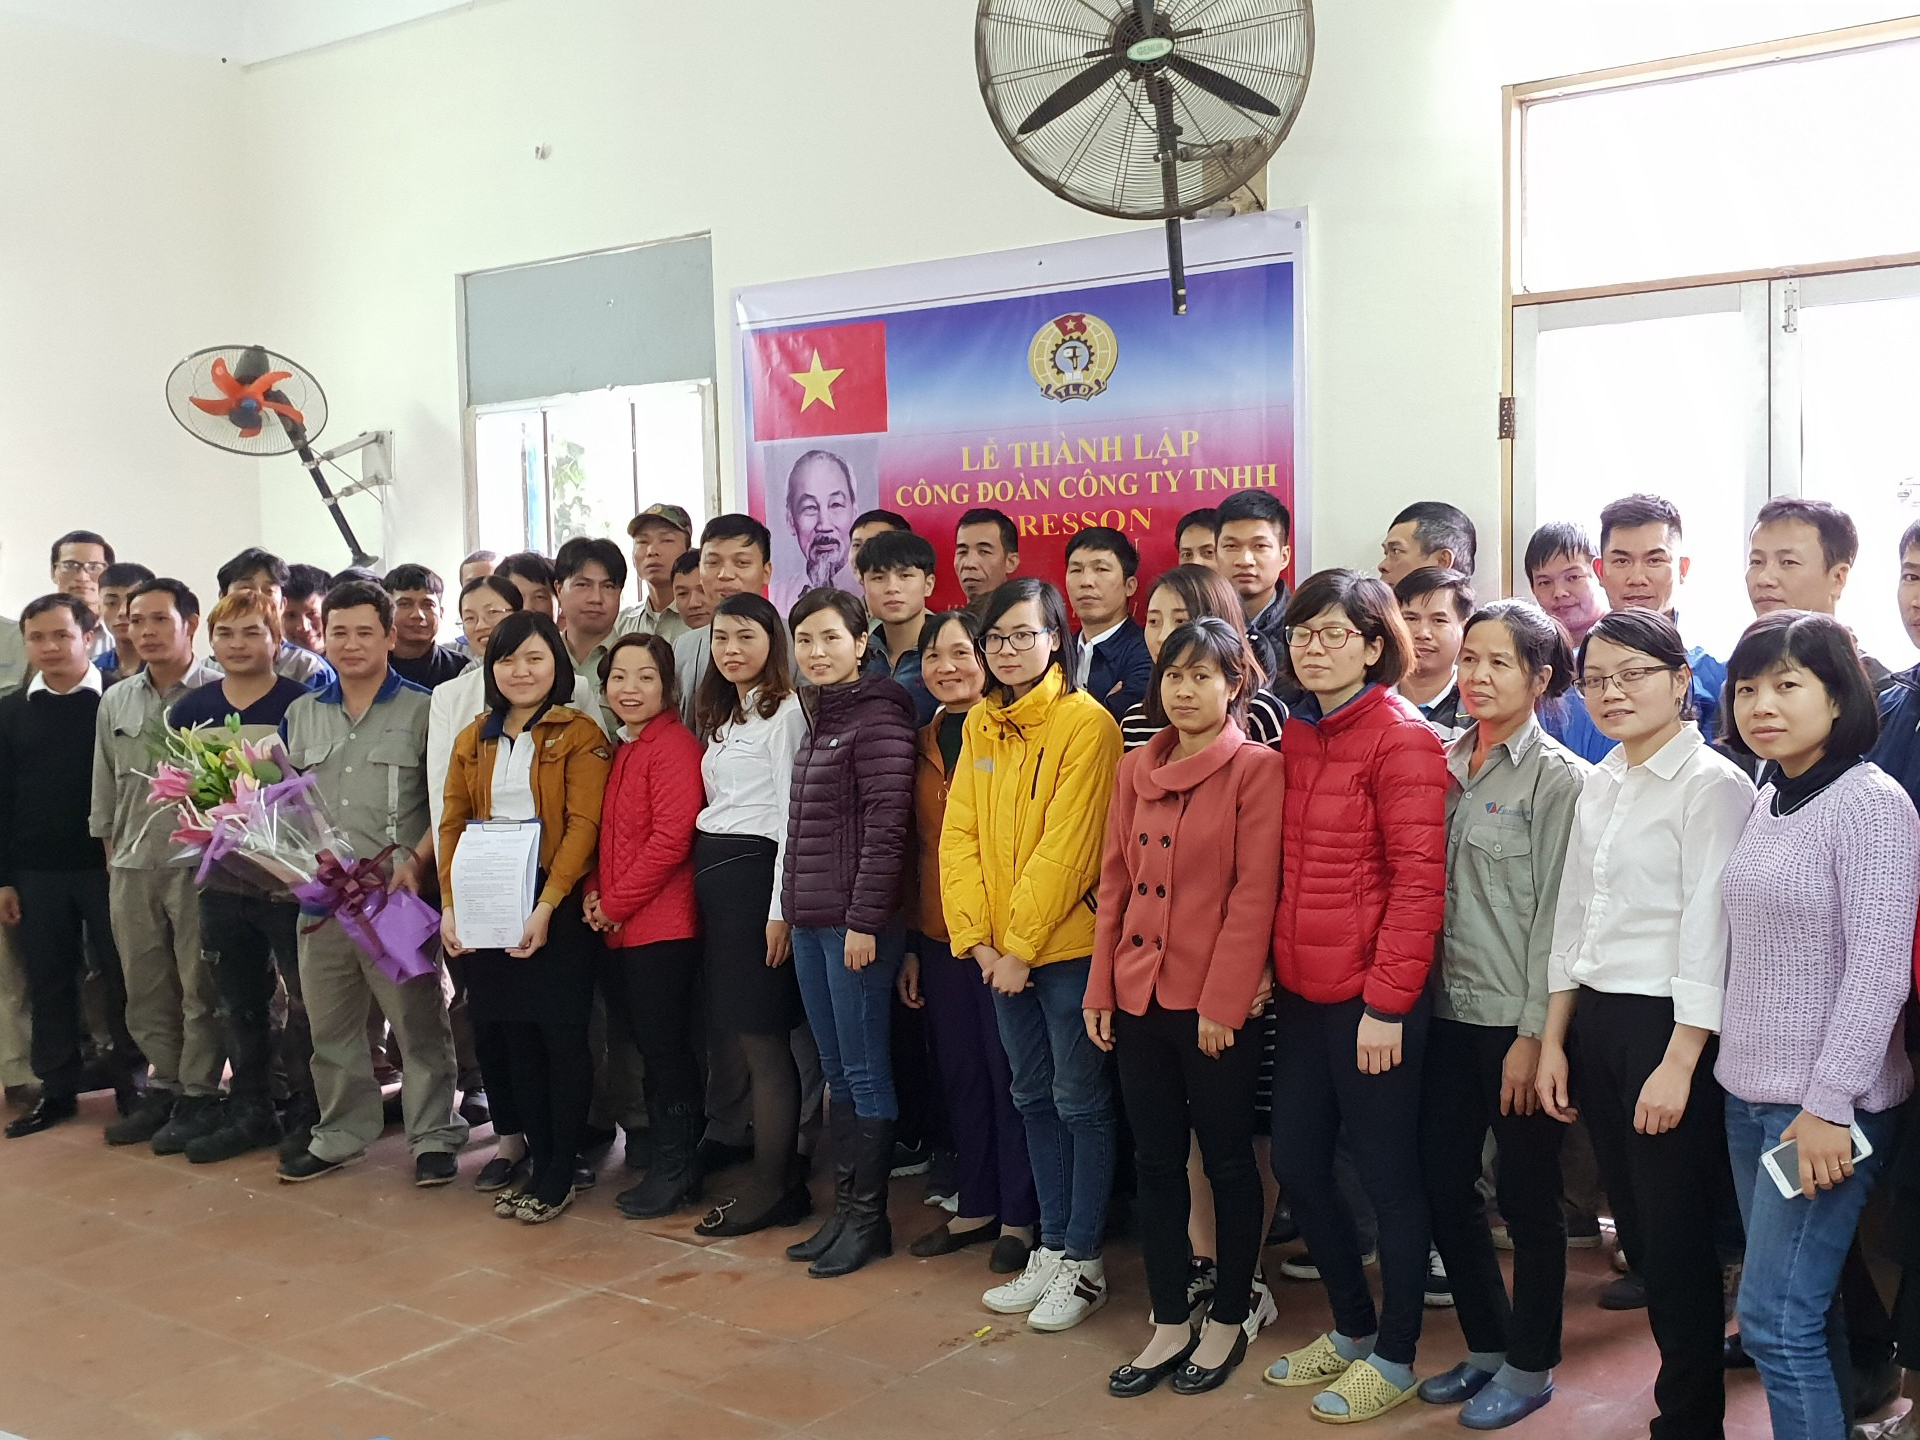 Lễ thành lập công đoàn Công ty Eresson Việt Nam